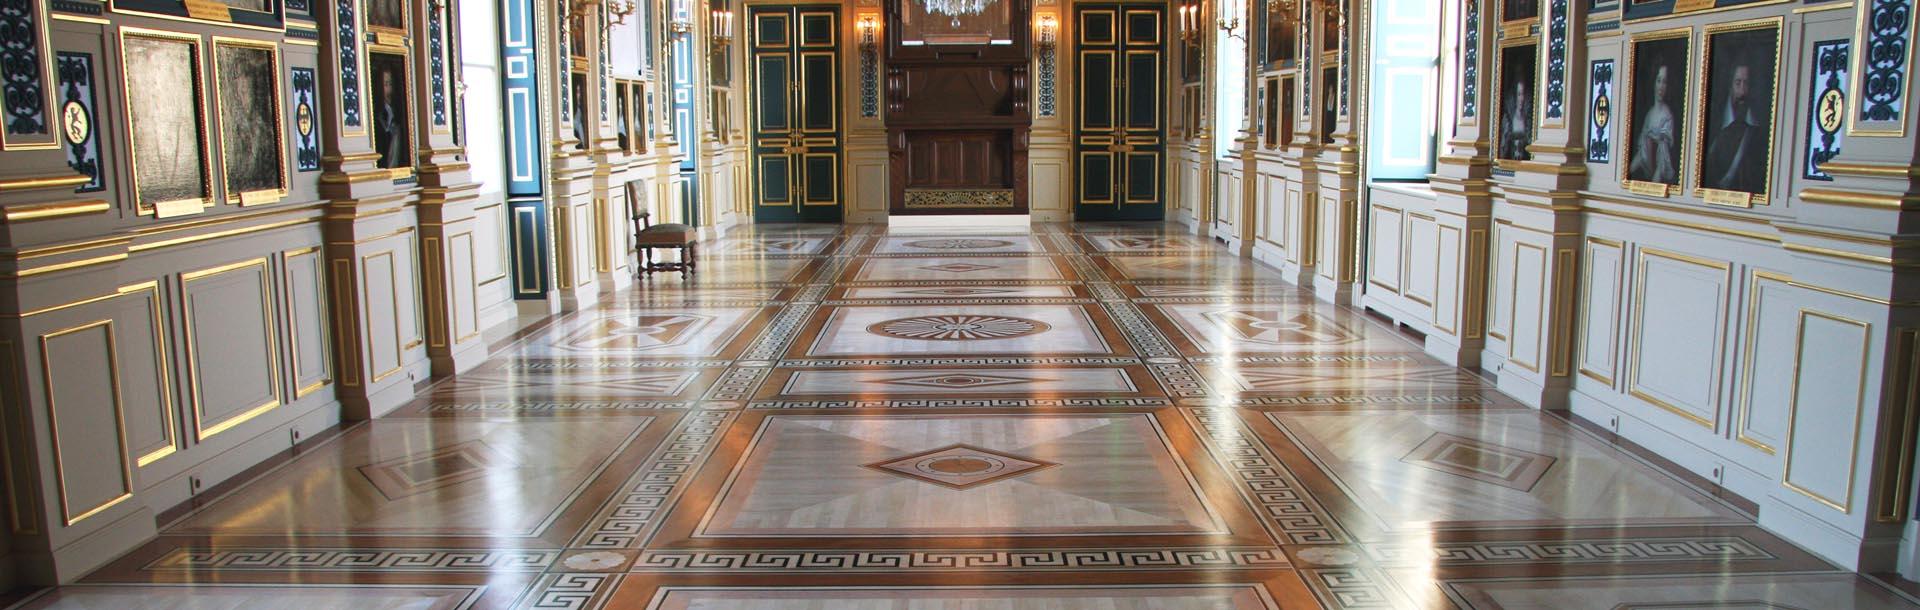 Restauration des lambris et du parquet de la Galerie de Guise (Chateau d'Eu)